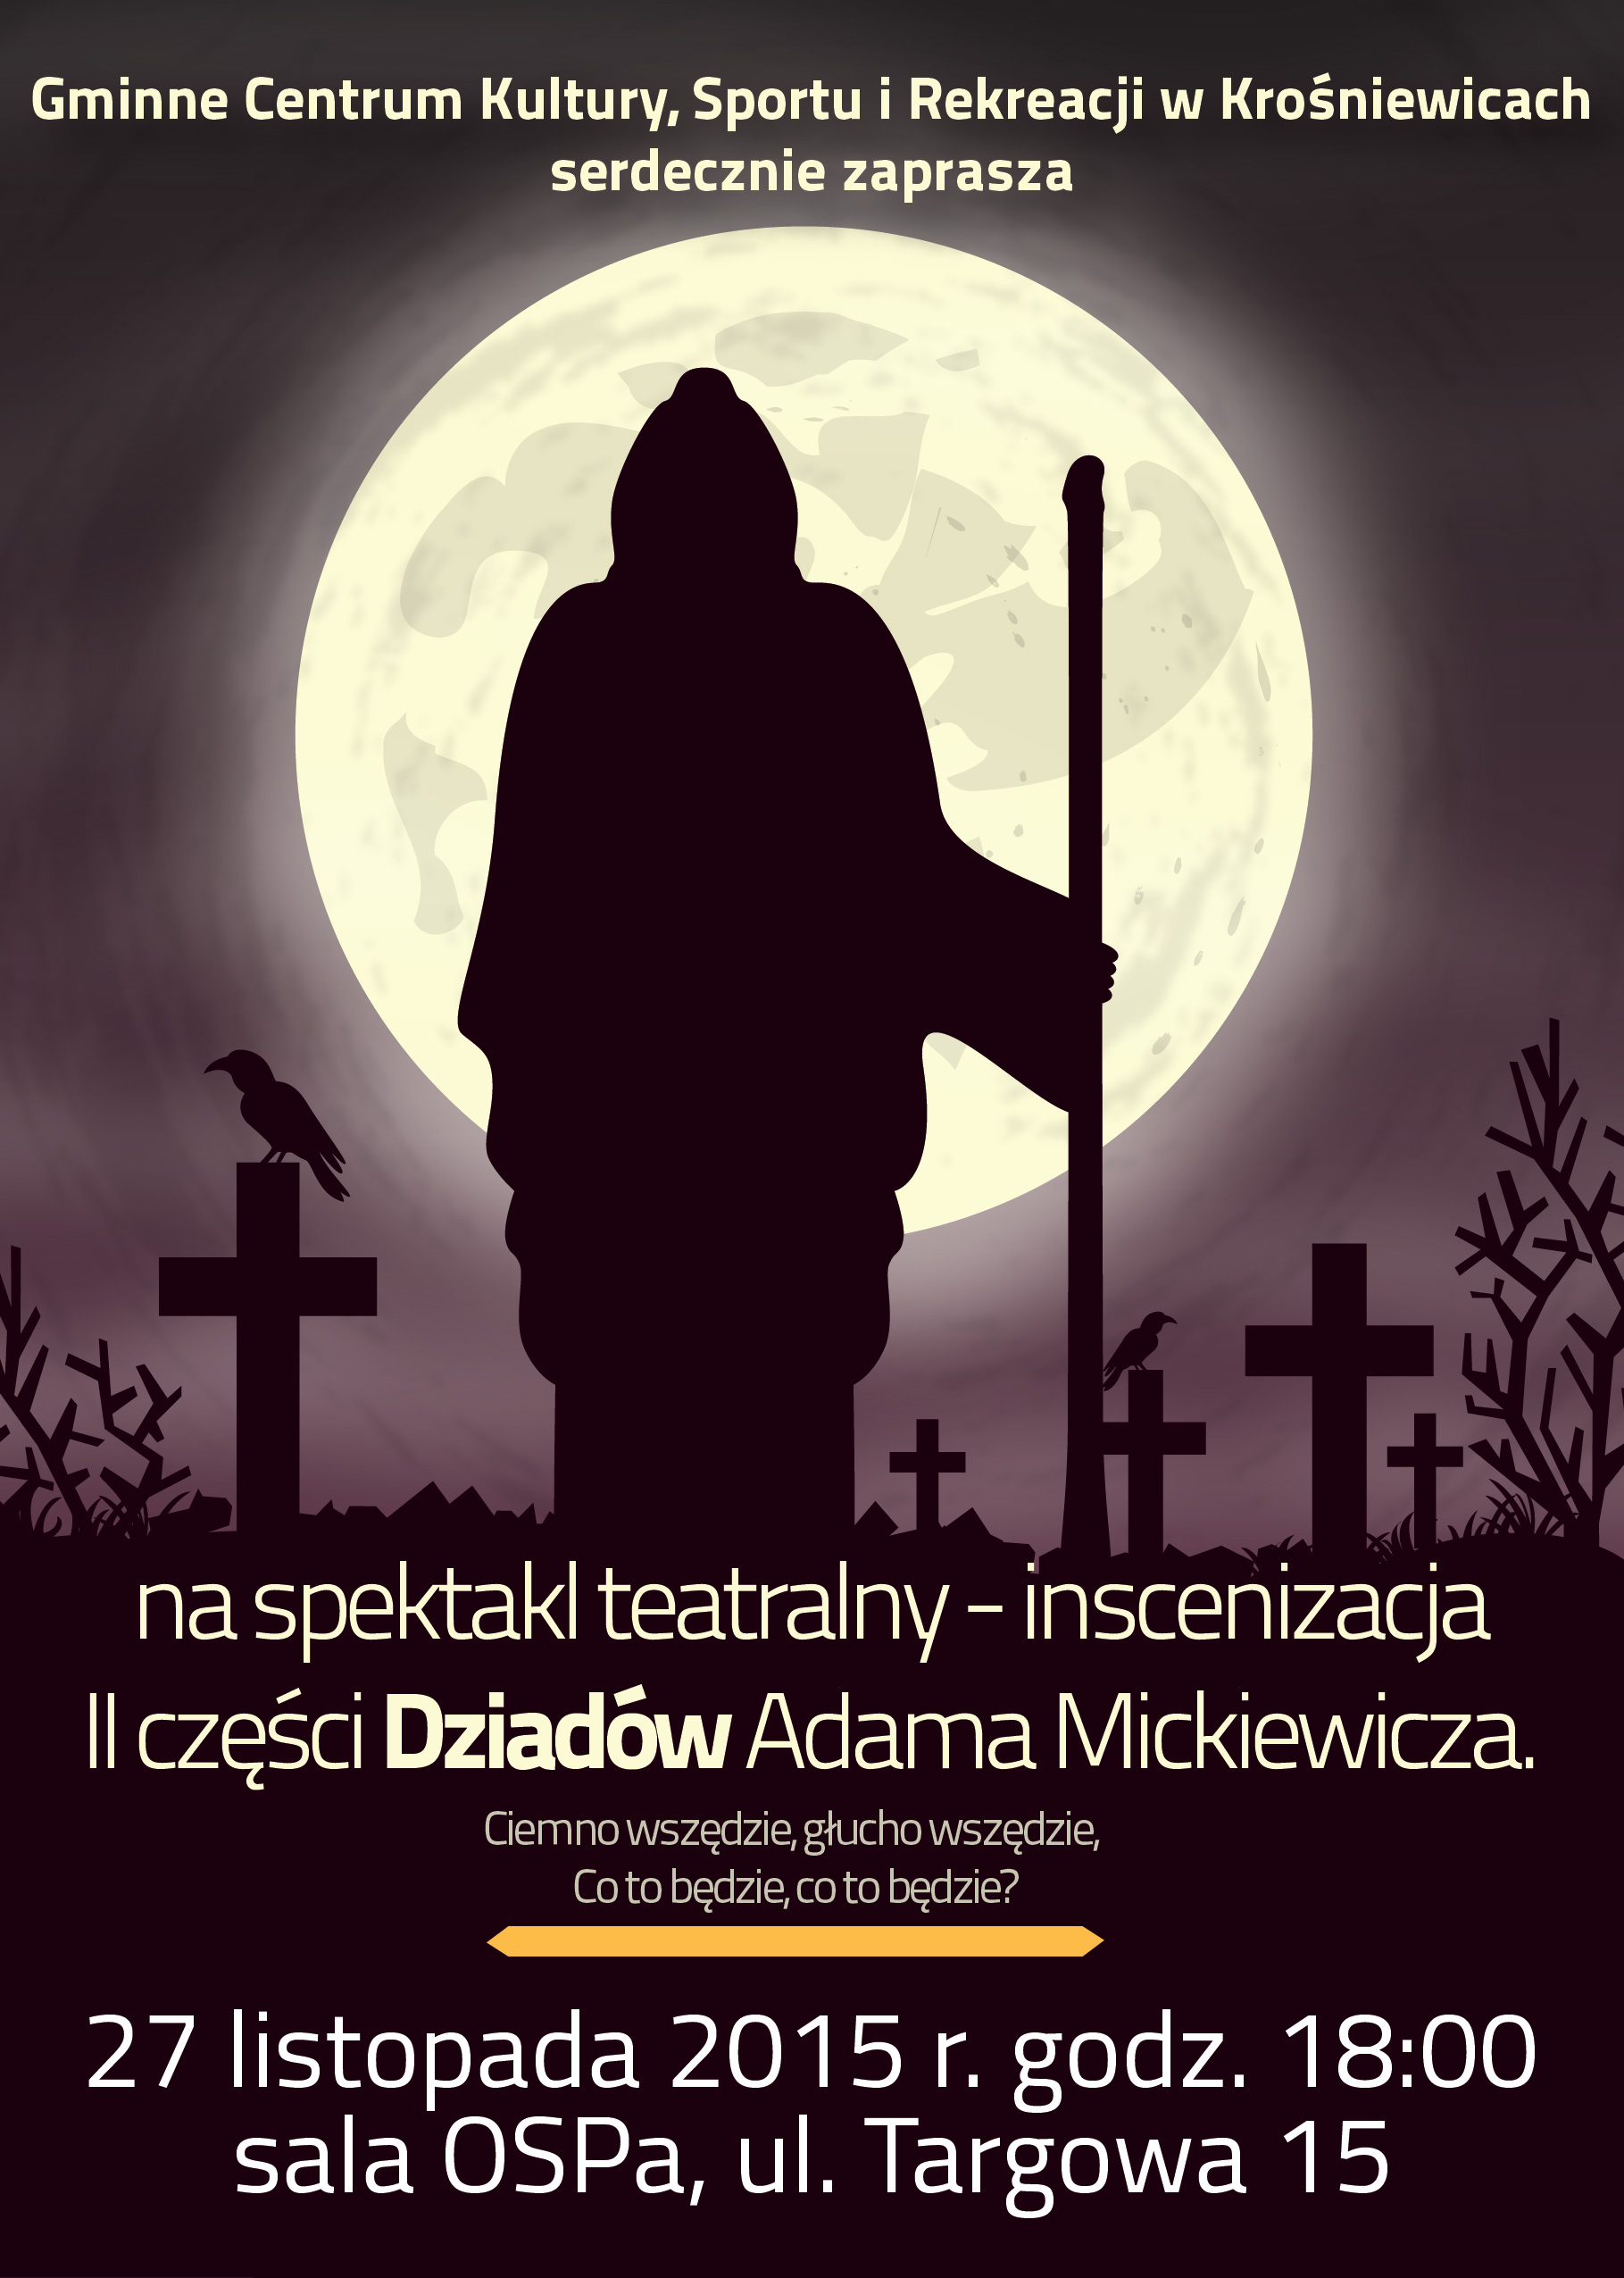 http://krosniewice.net/images/stories/plakaty/dziady-01_copy.jpg